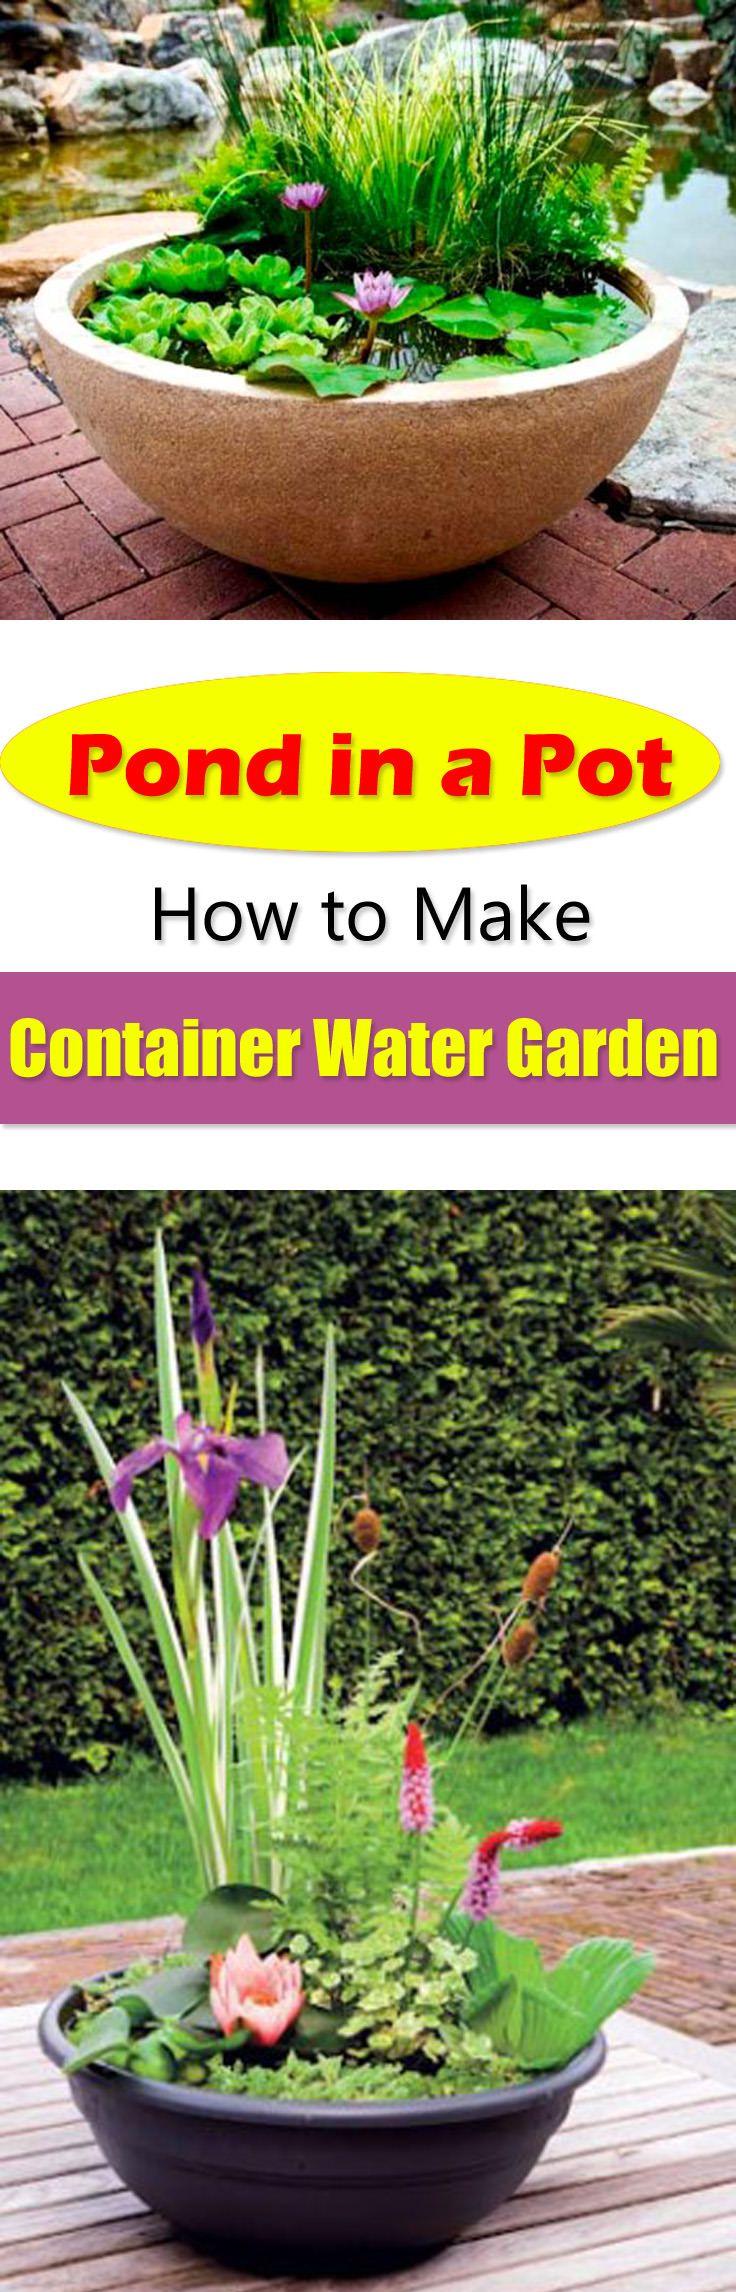 Vuoi aggiungere una funzionalità acqua nel vostro piccolo giardino?  Se sì, allora creare uno stagno in una pentola.